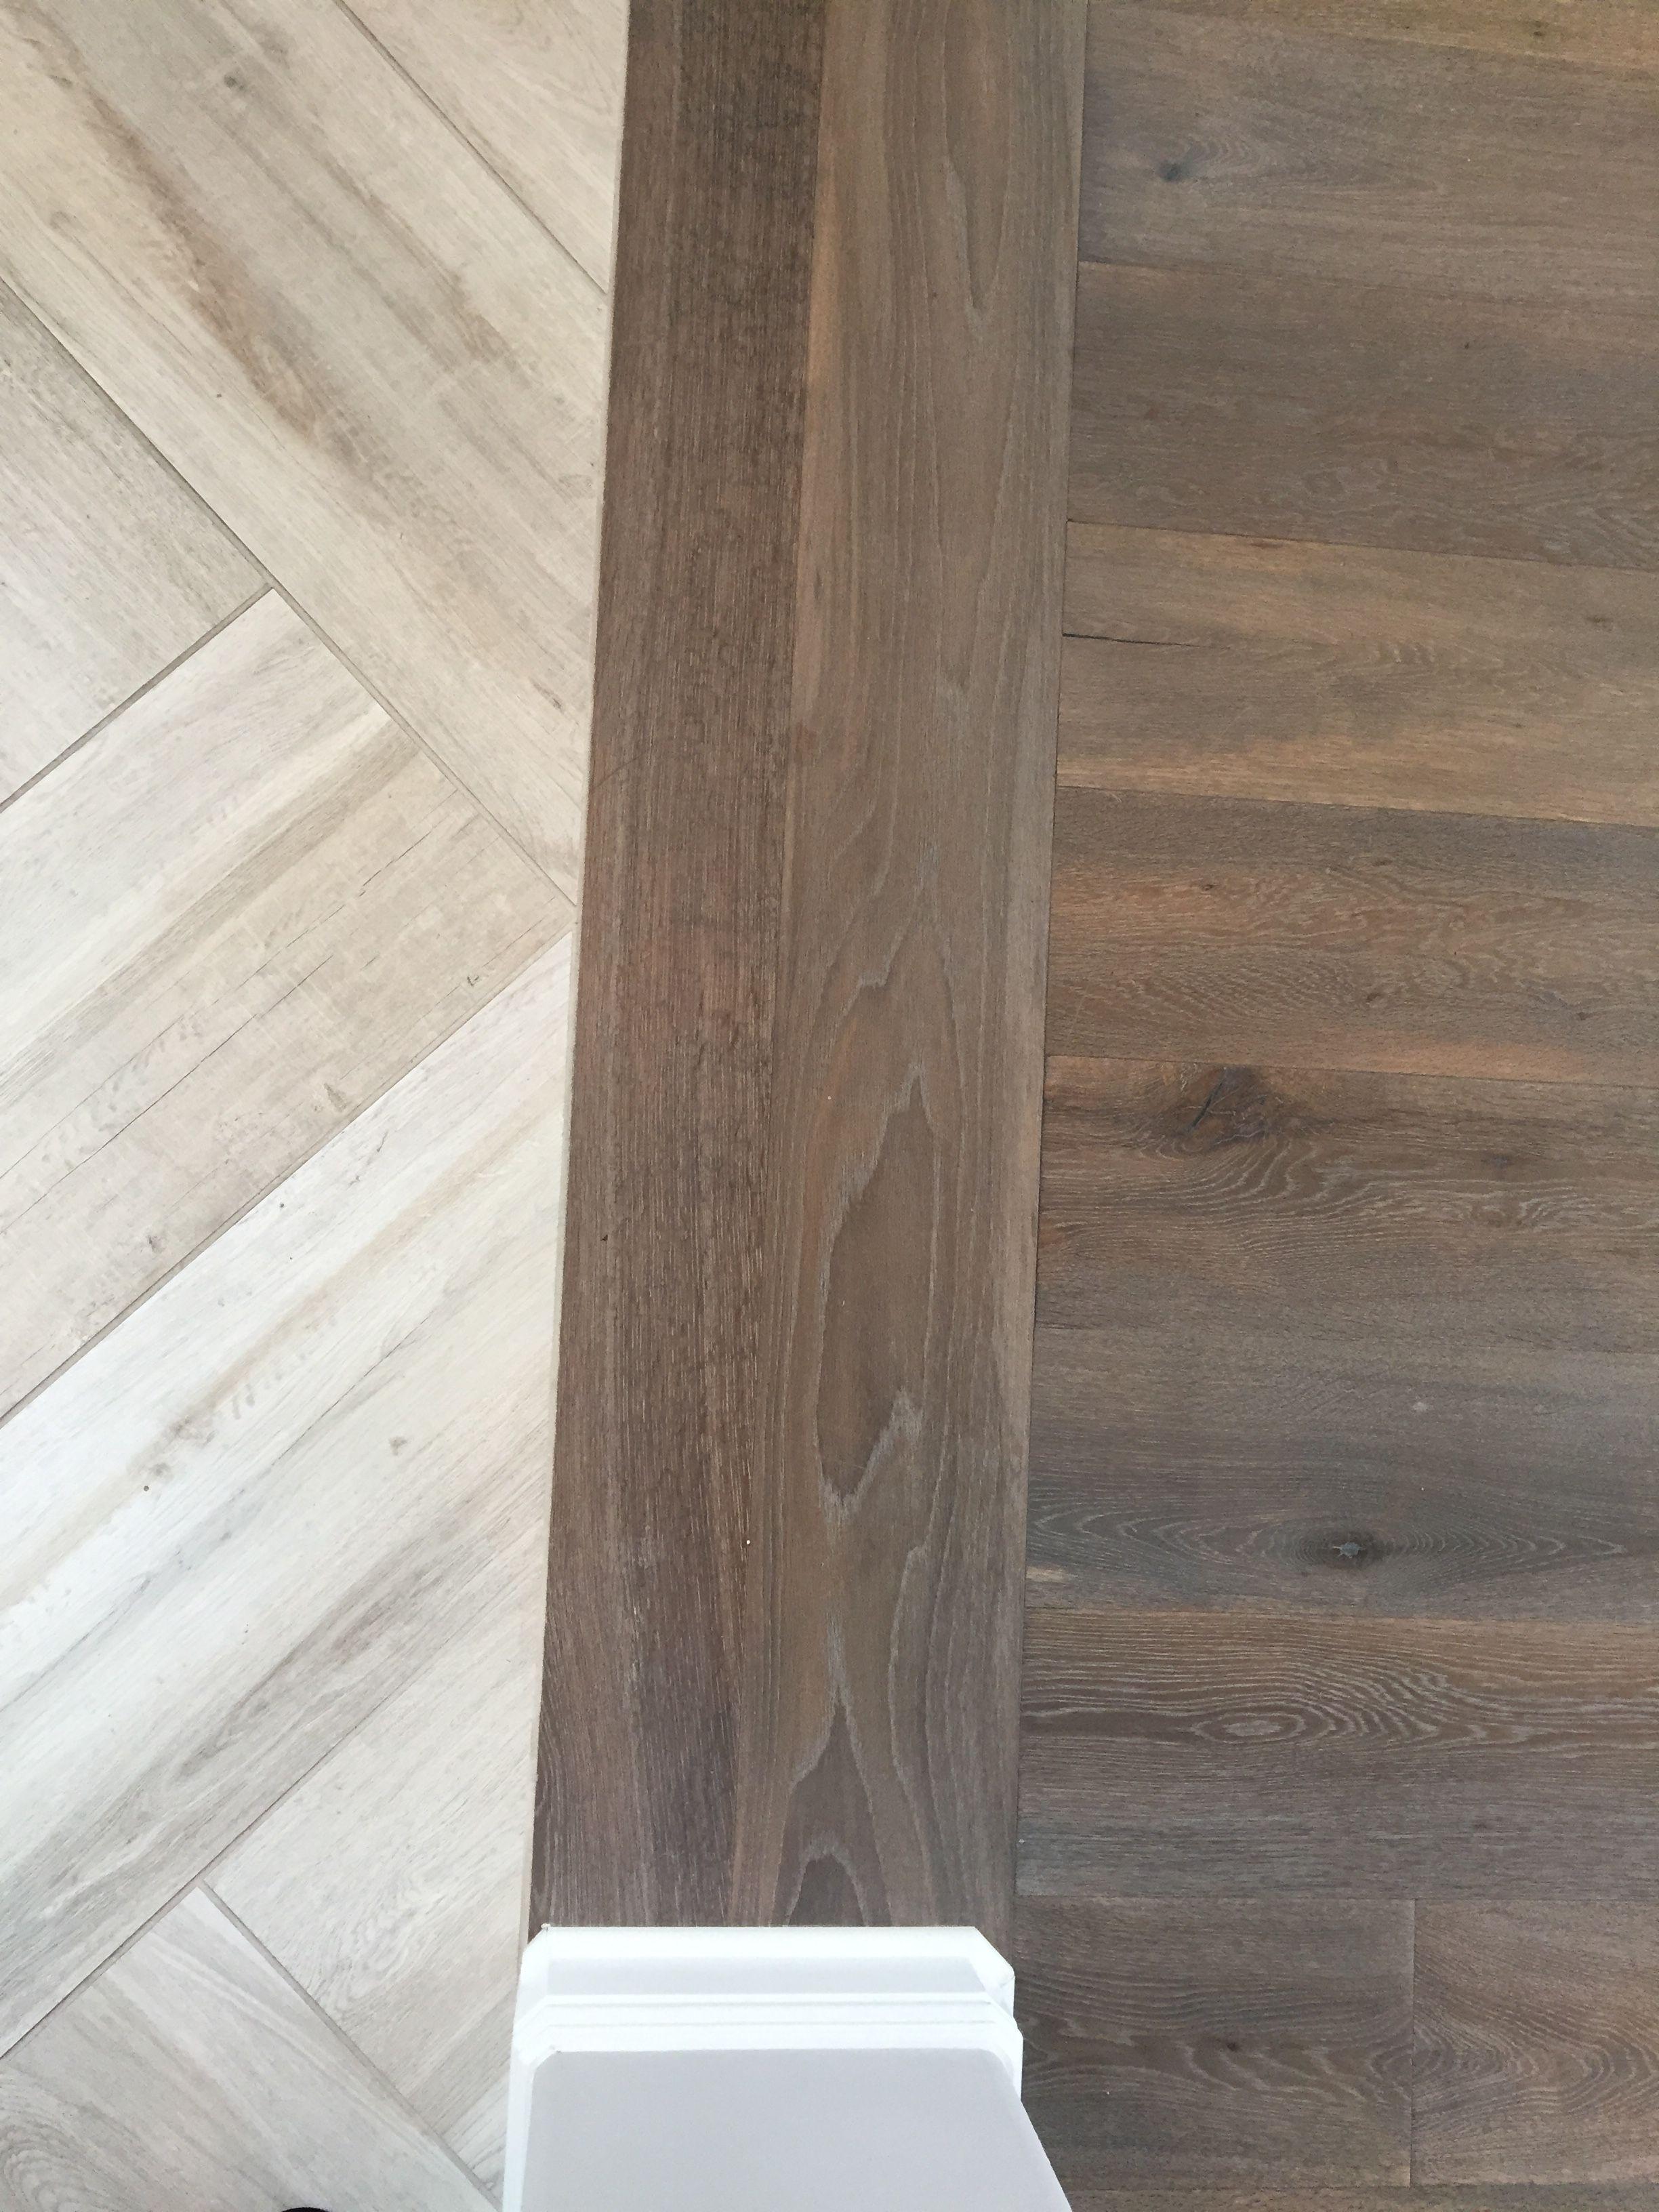 hardwood floor adhesive of floor transition laminate to herringbone tile pattern model in floor transition laminate to herringbone tile pattern herringbone tile pattern herringbone wood floor